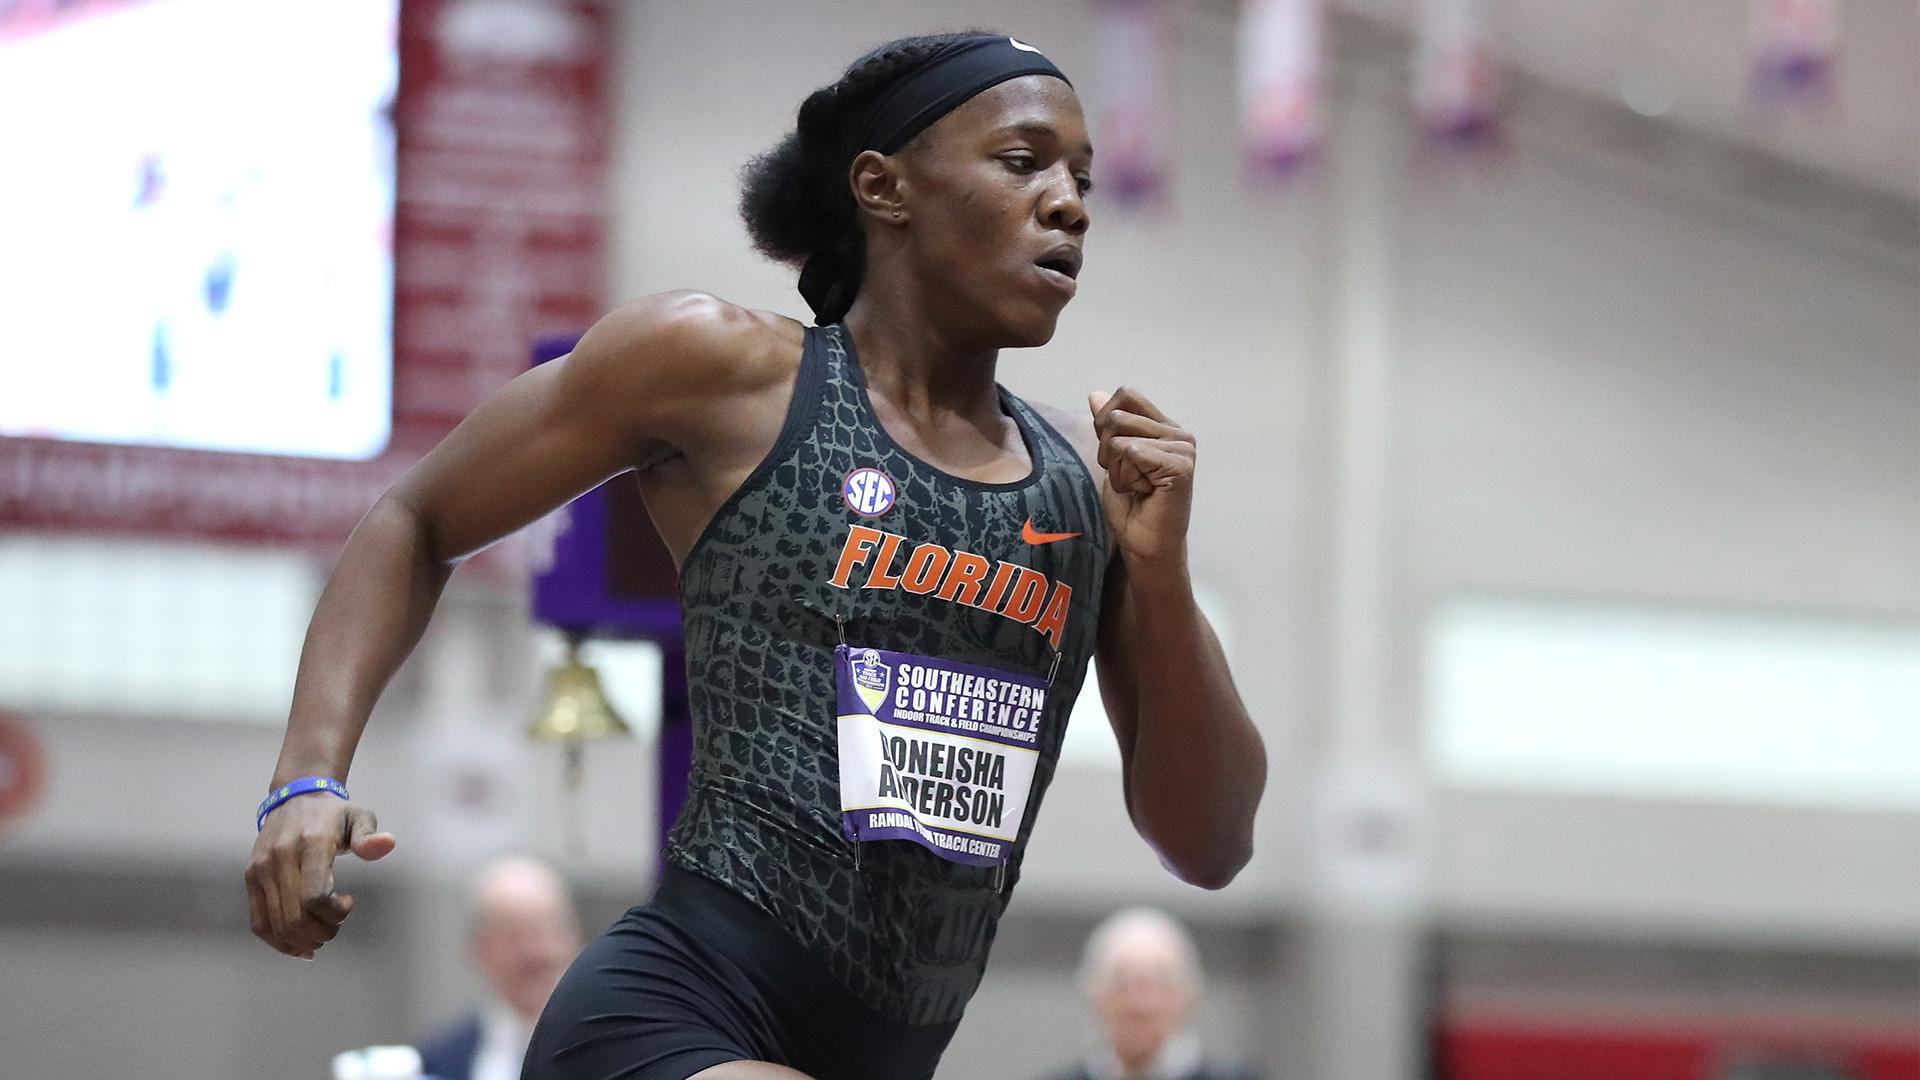 Anderson named SEC Women's Runner of the Week